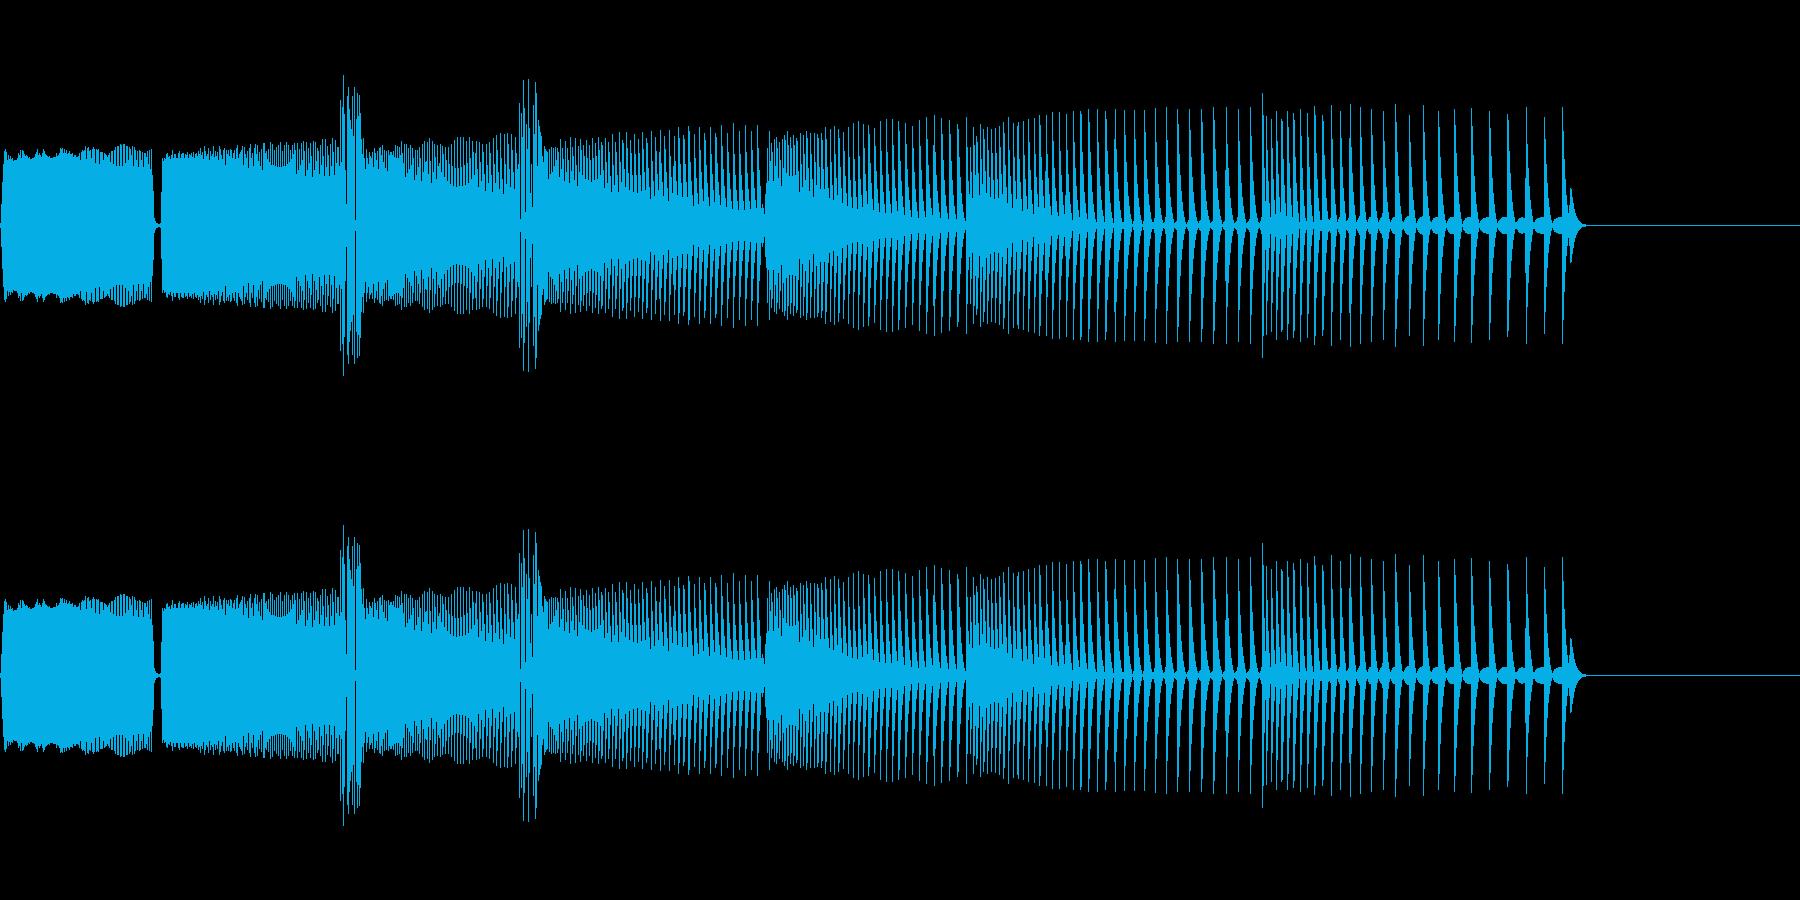 ゲームオーバーの音(ぴゅぴゅぴゅ⤵️)の再生済みの波形